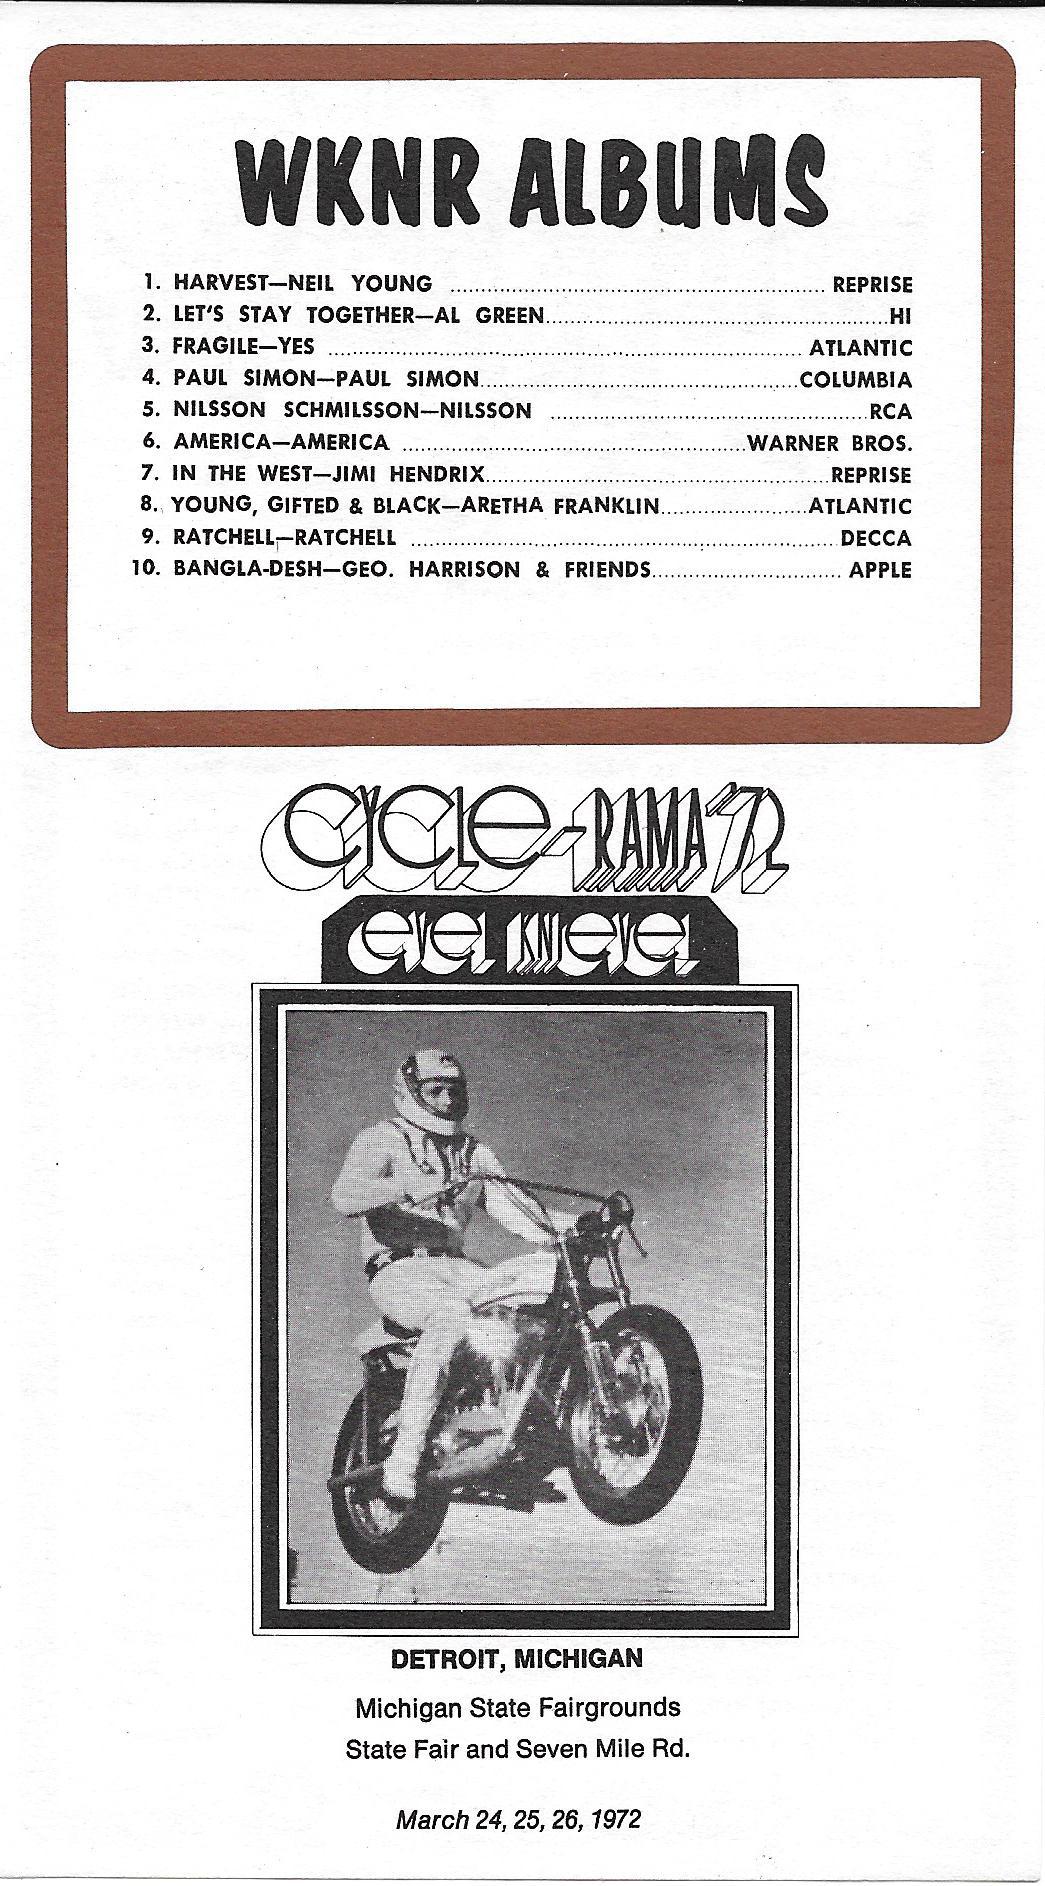 WKNR - March 13, 1972 - Back